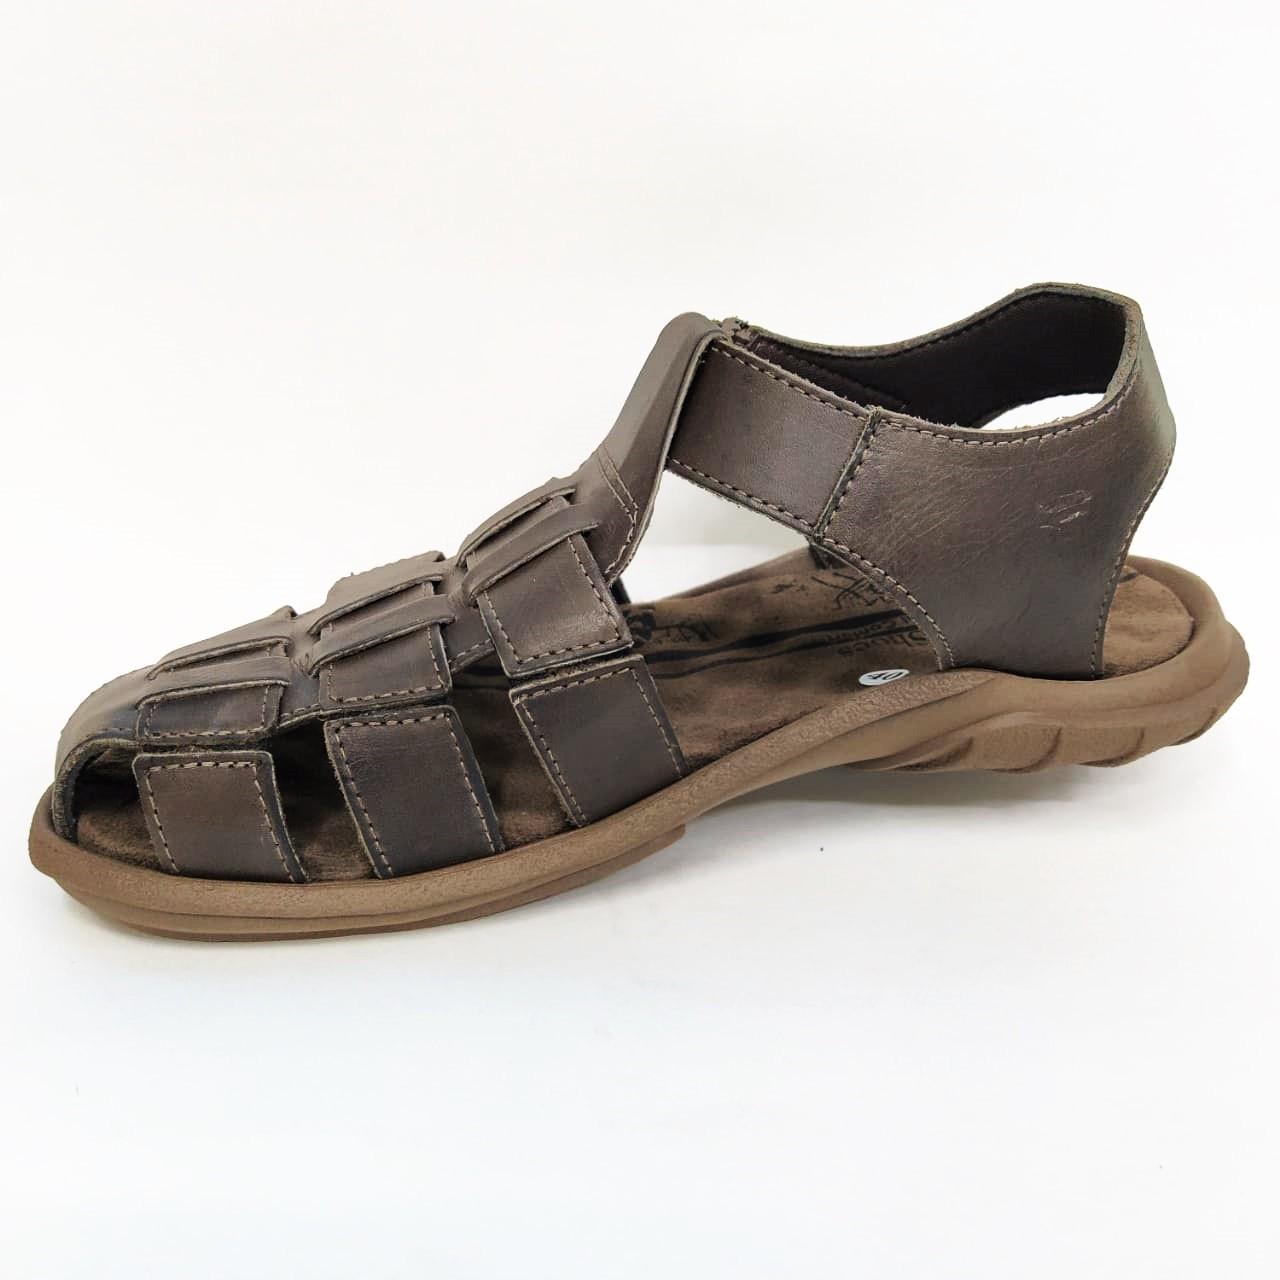 Sandália masculina Deck Be Shoes 6500 - Chocolate